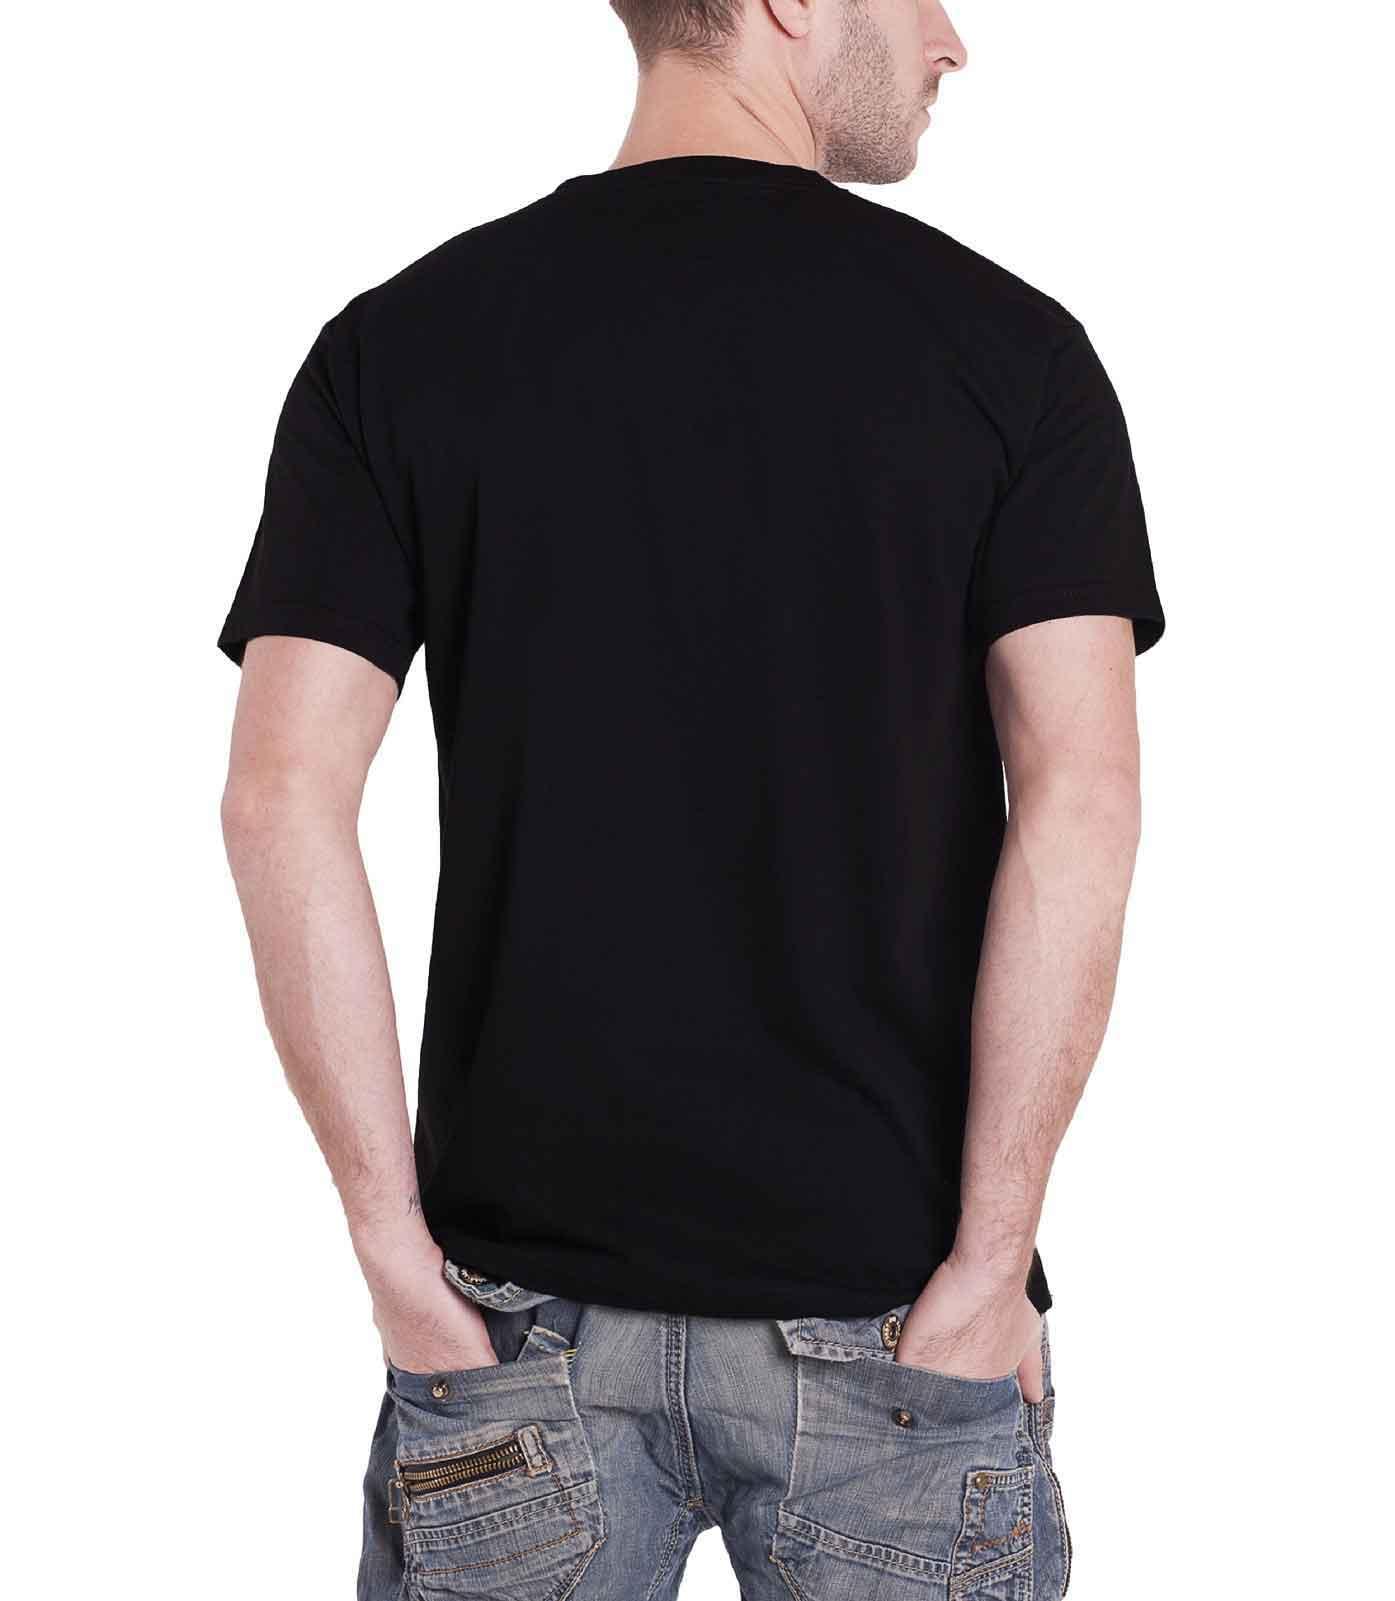 Down-Mens-T-Shirt-Black-Smoking-Jesus-Face-band-logo-official thumbnail 2